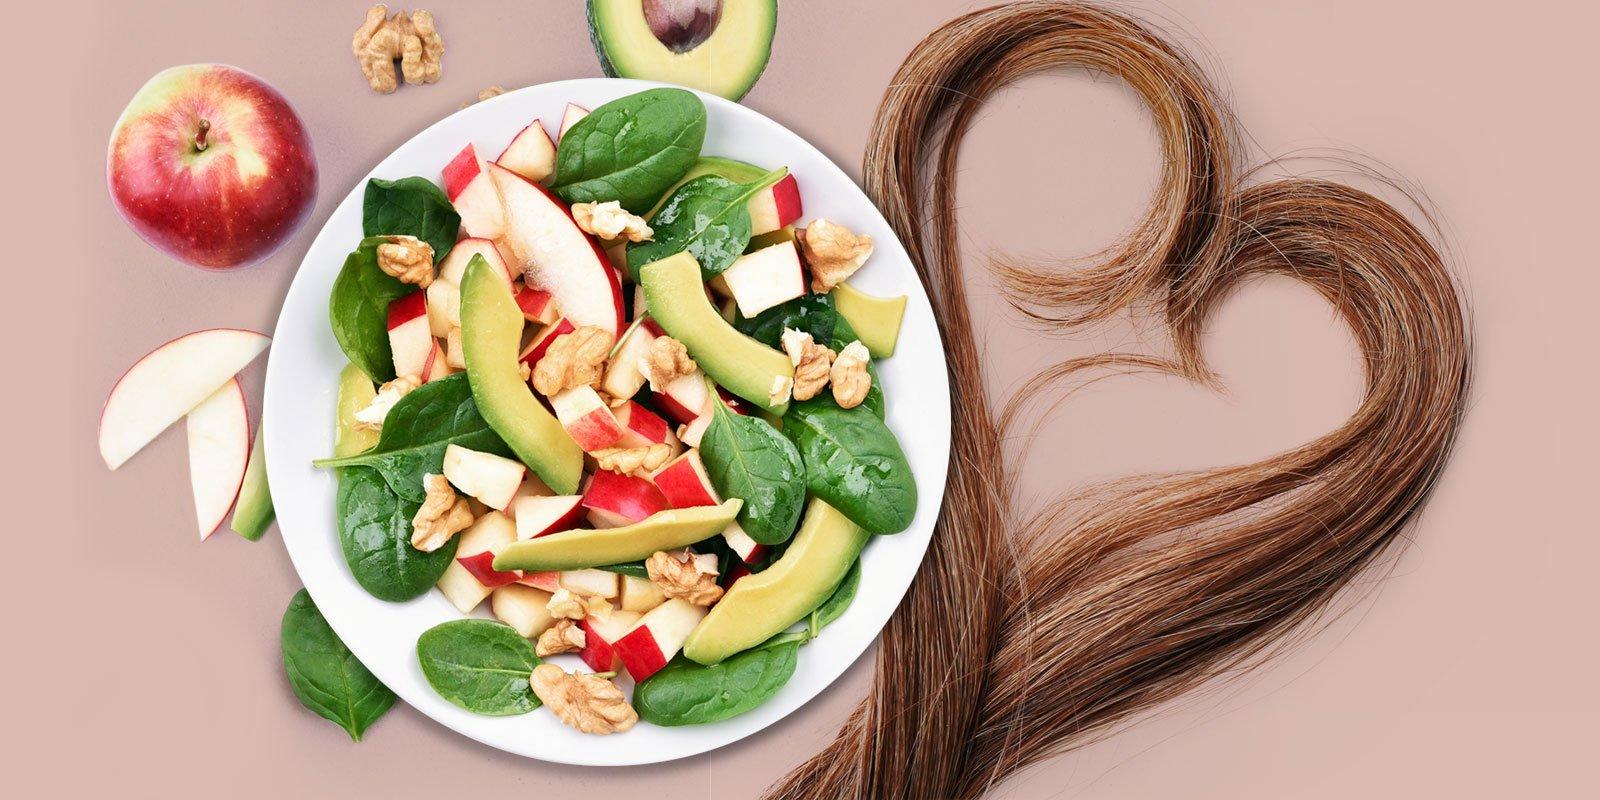 Веганские продукты для здоровых волос